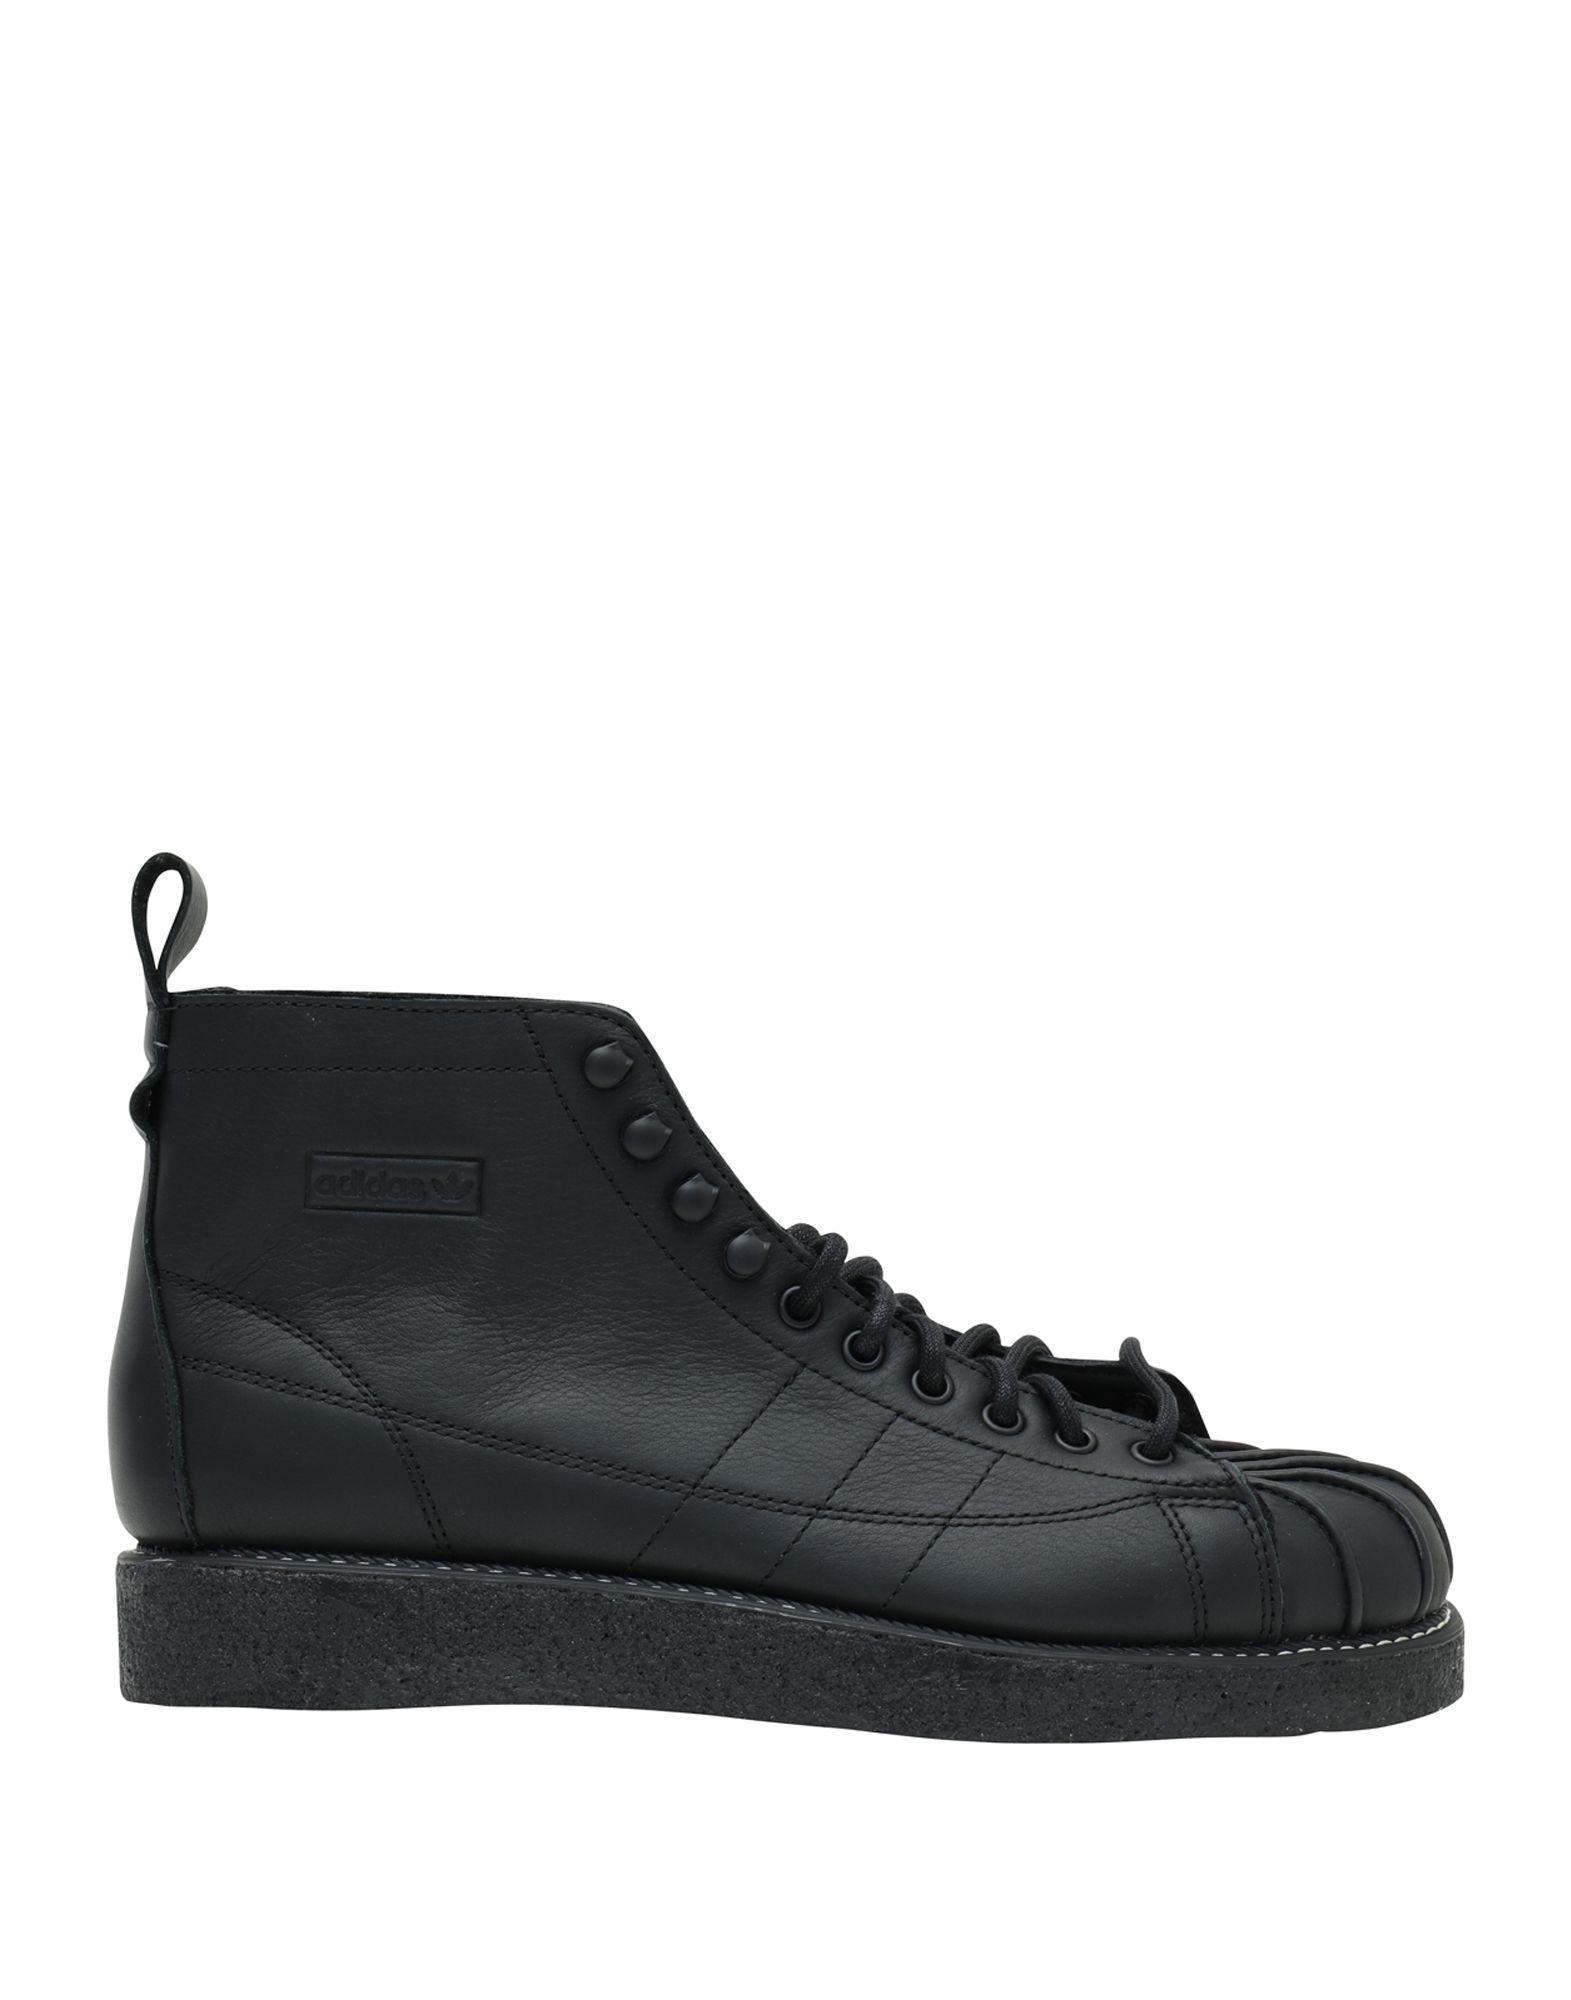 6df3b77fad7d Adidas Originals High-tops   Sneakers in Black - Lyst